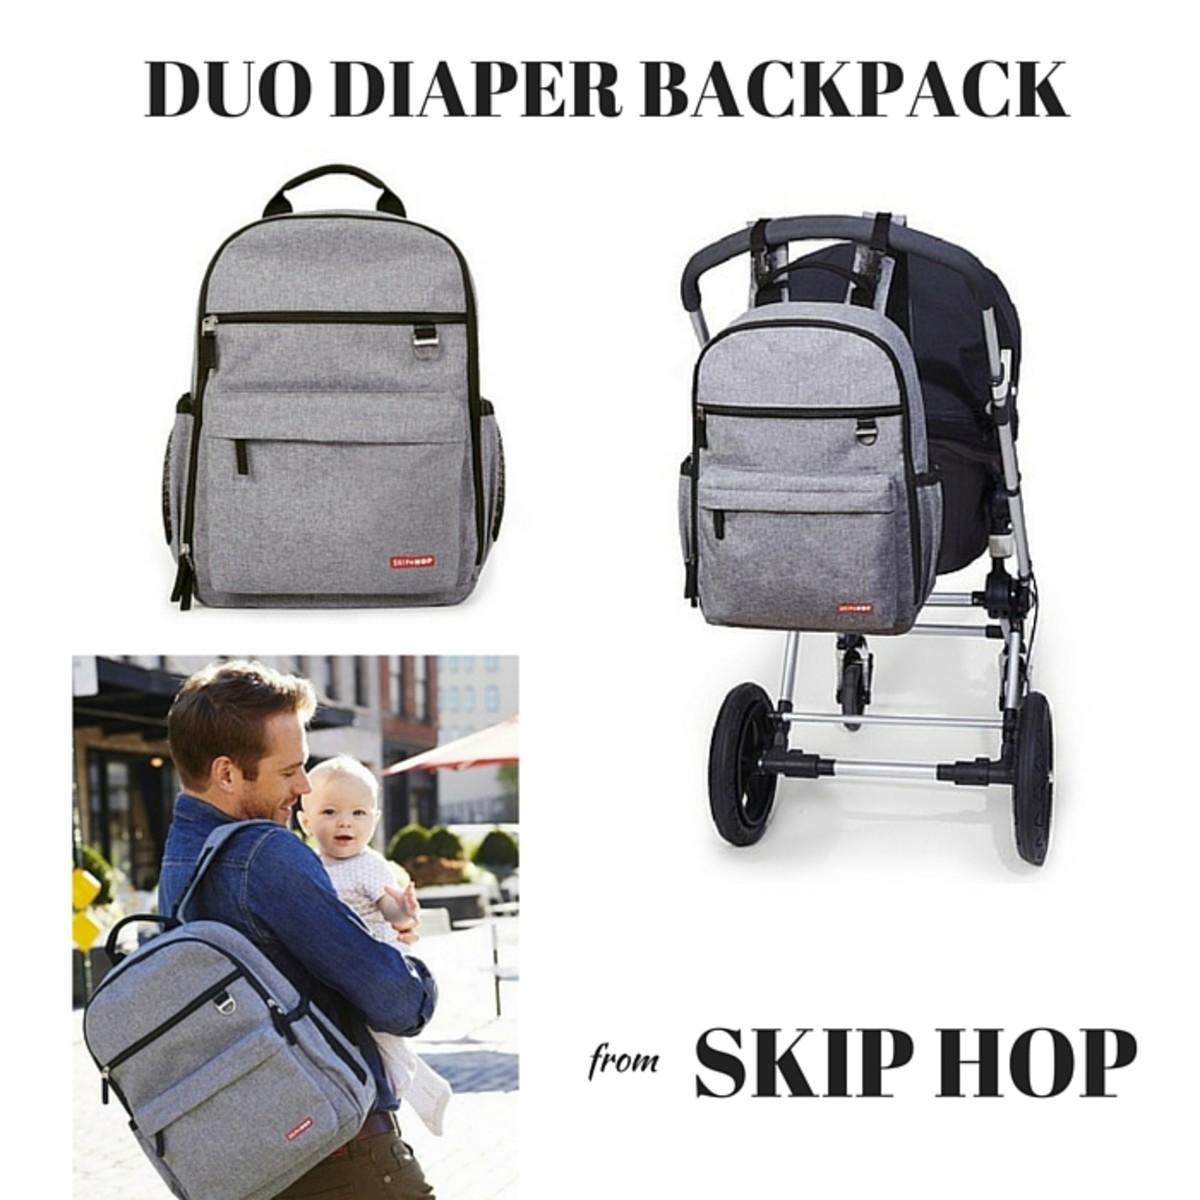 SKIP HOP(1)